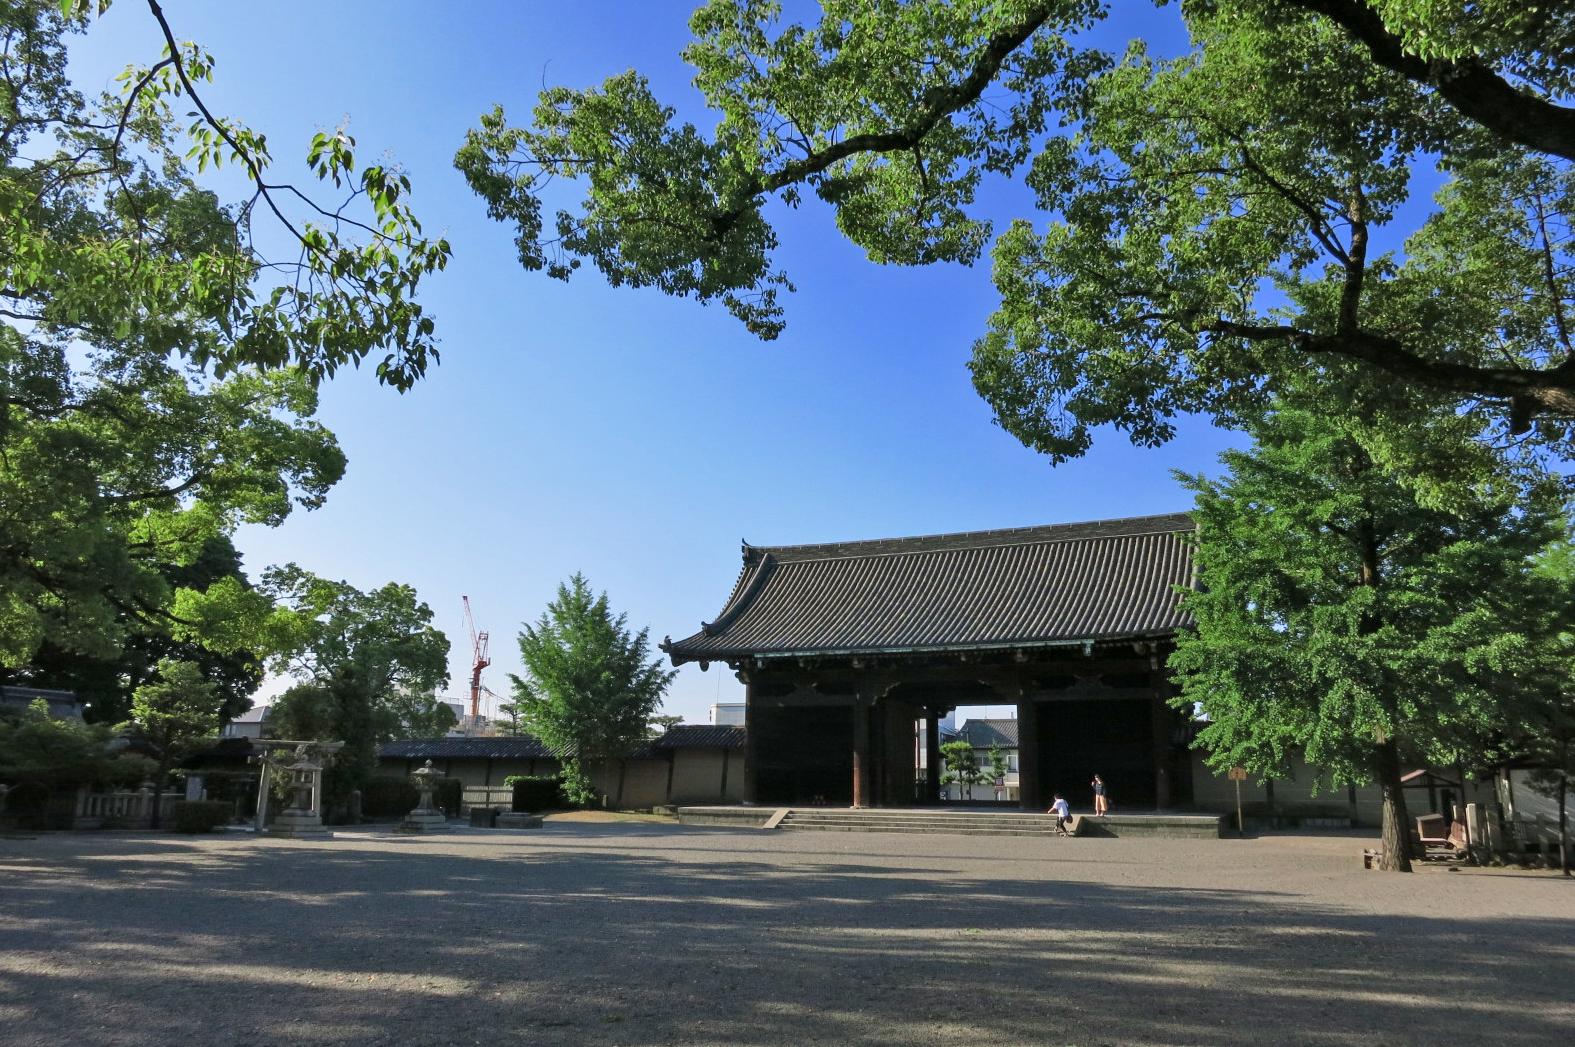 東寺の正門となる南大門(みなみだいもん)。幅18m、高さ13mもある立派な門。